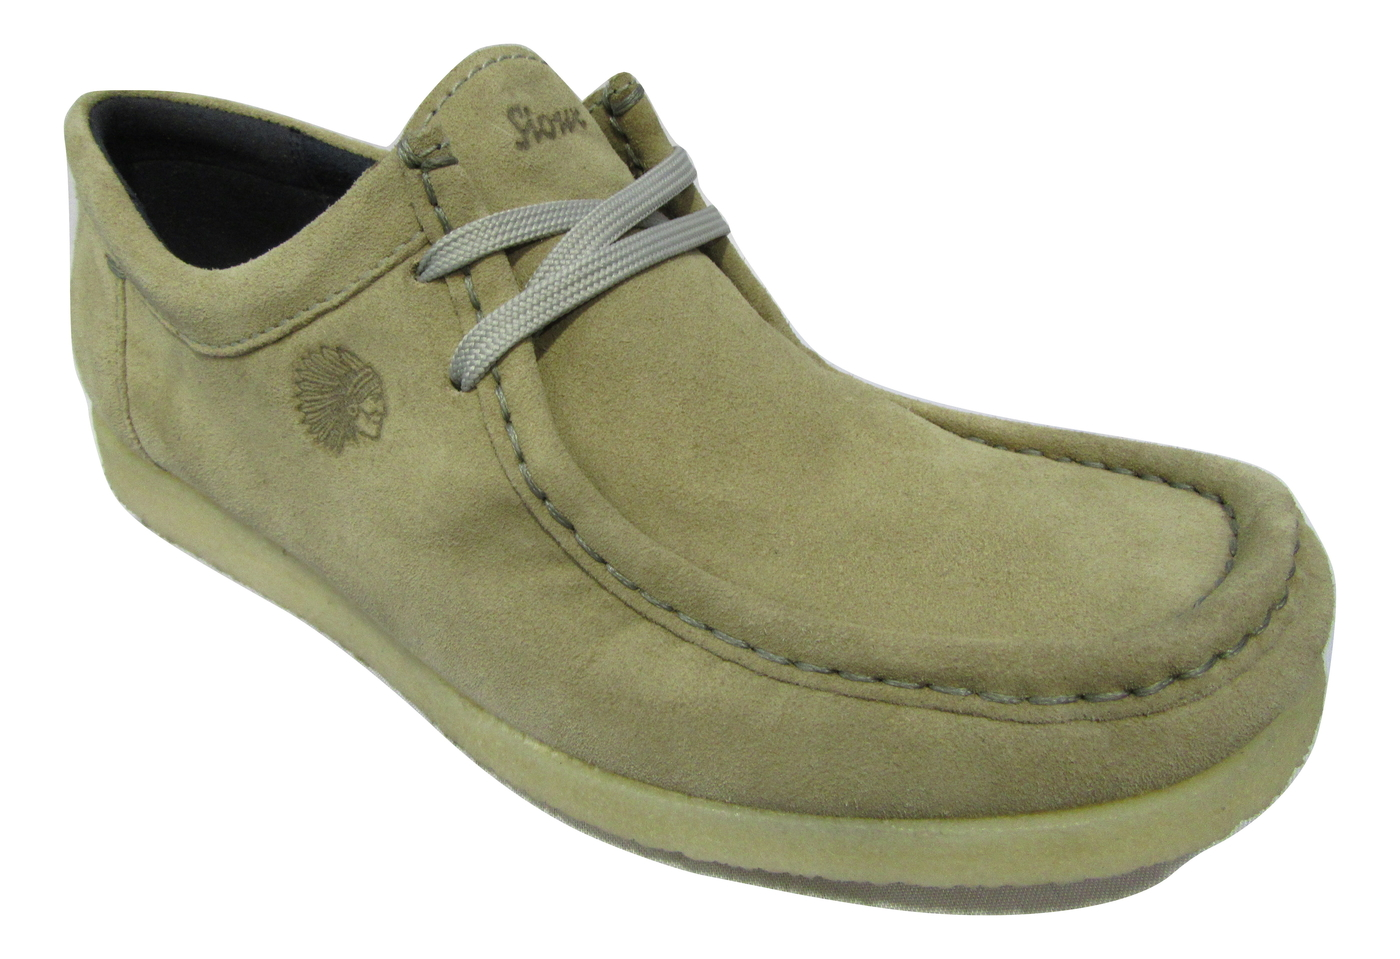 Chaussure confort chic SIOUX en cuir velours beige semelle crepe